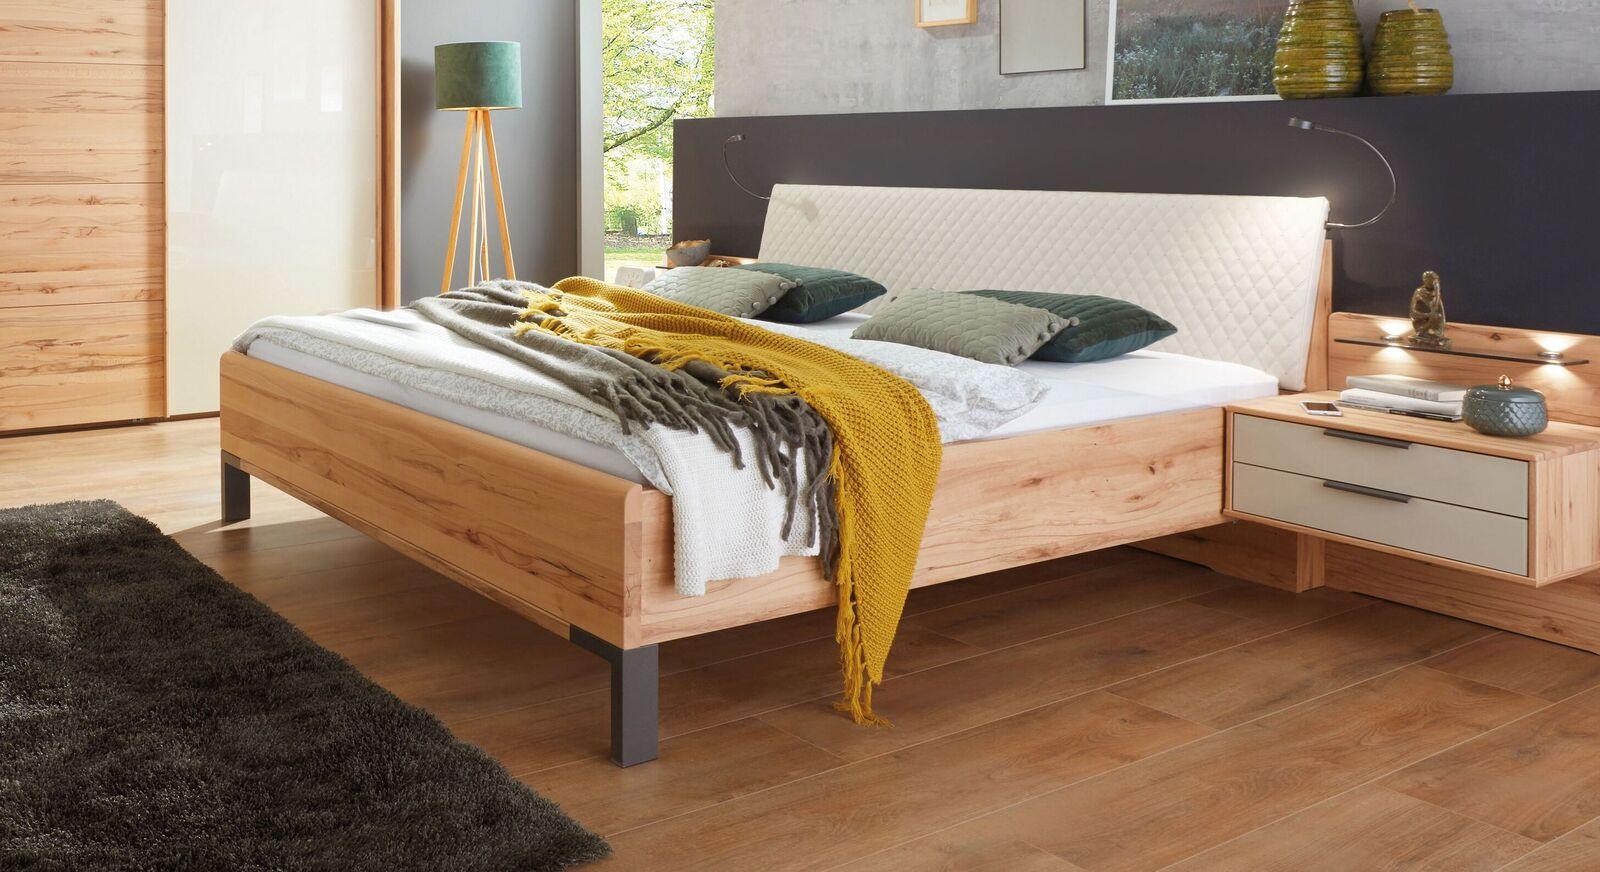 Bett Leandra in hochwertigem Materialmix